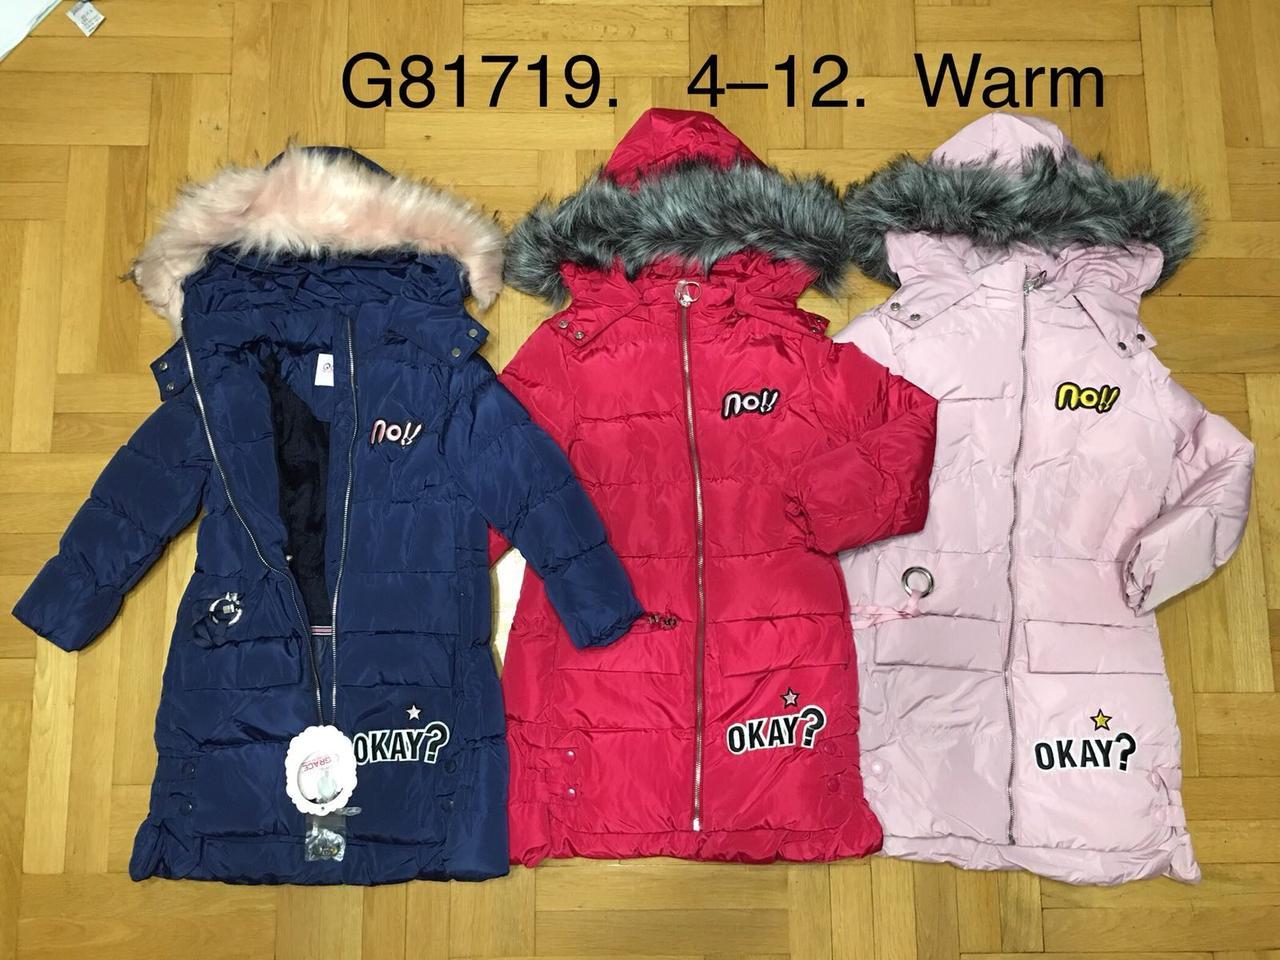 Куртки для девочек на меховой подкладке,оптом размеры 4-12 лет,  Grace ,арт. G81719